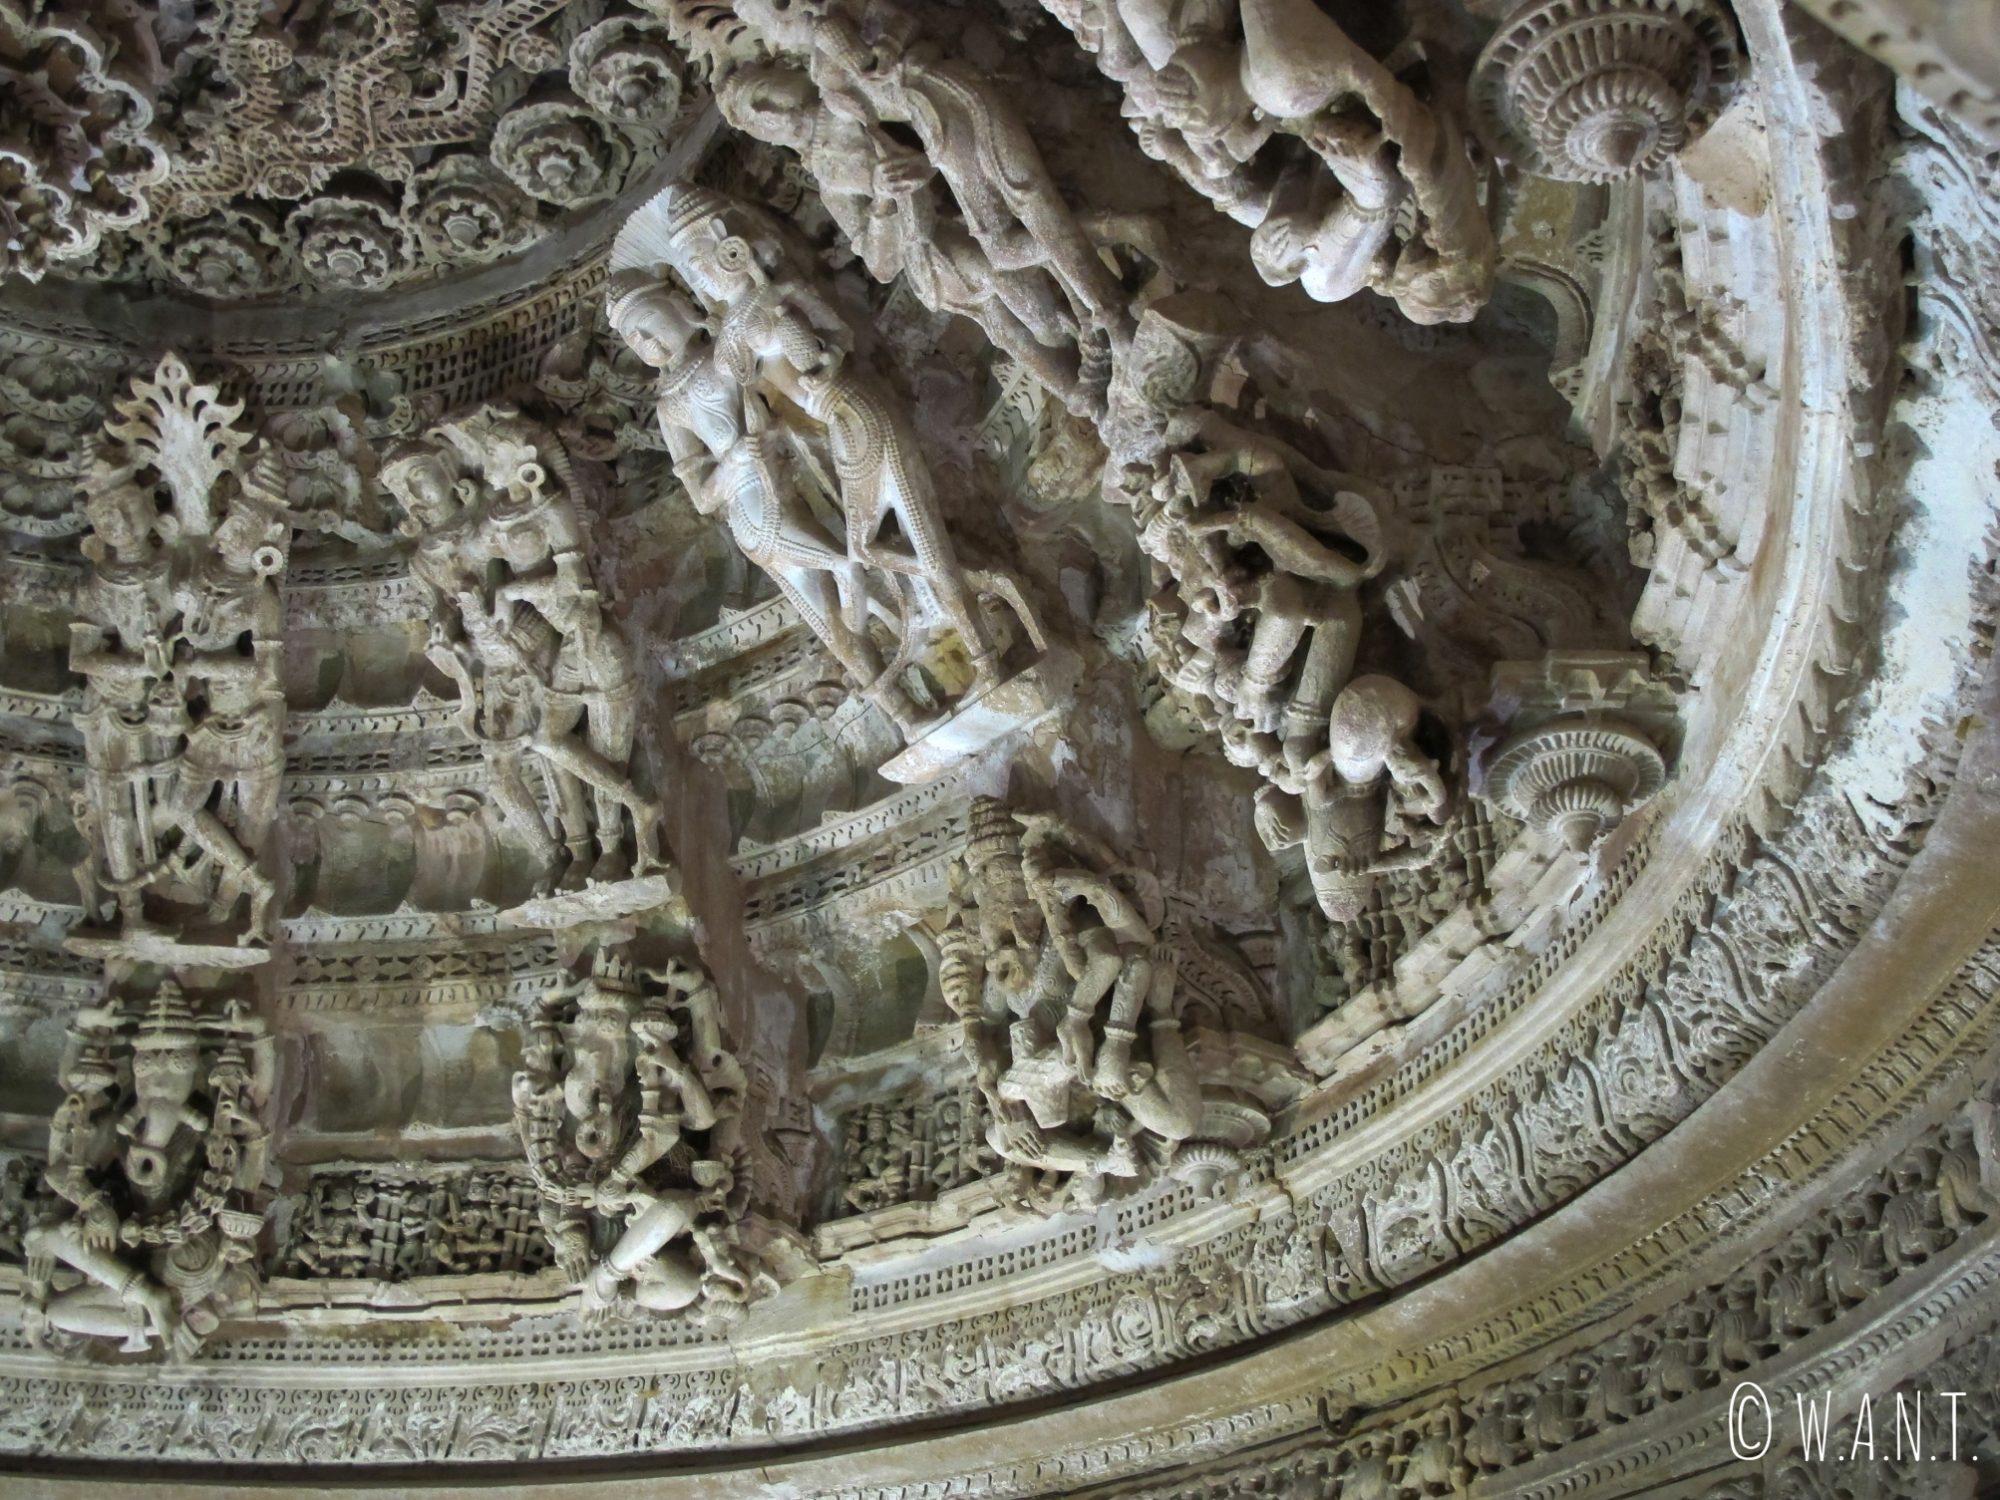 Ganesh et Shiva ornent la coupole de ce temple Jain dans le fort de Jaisalmer